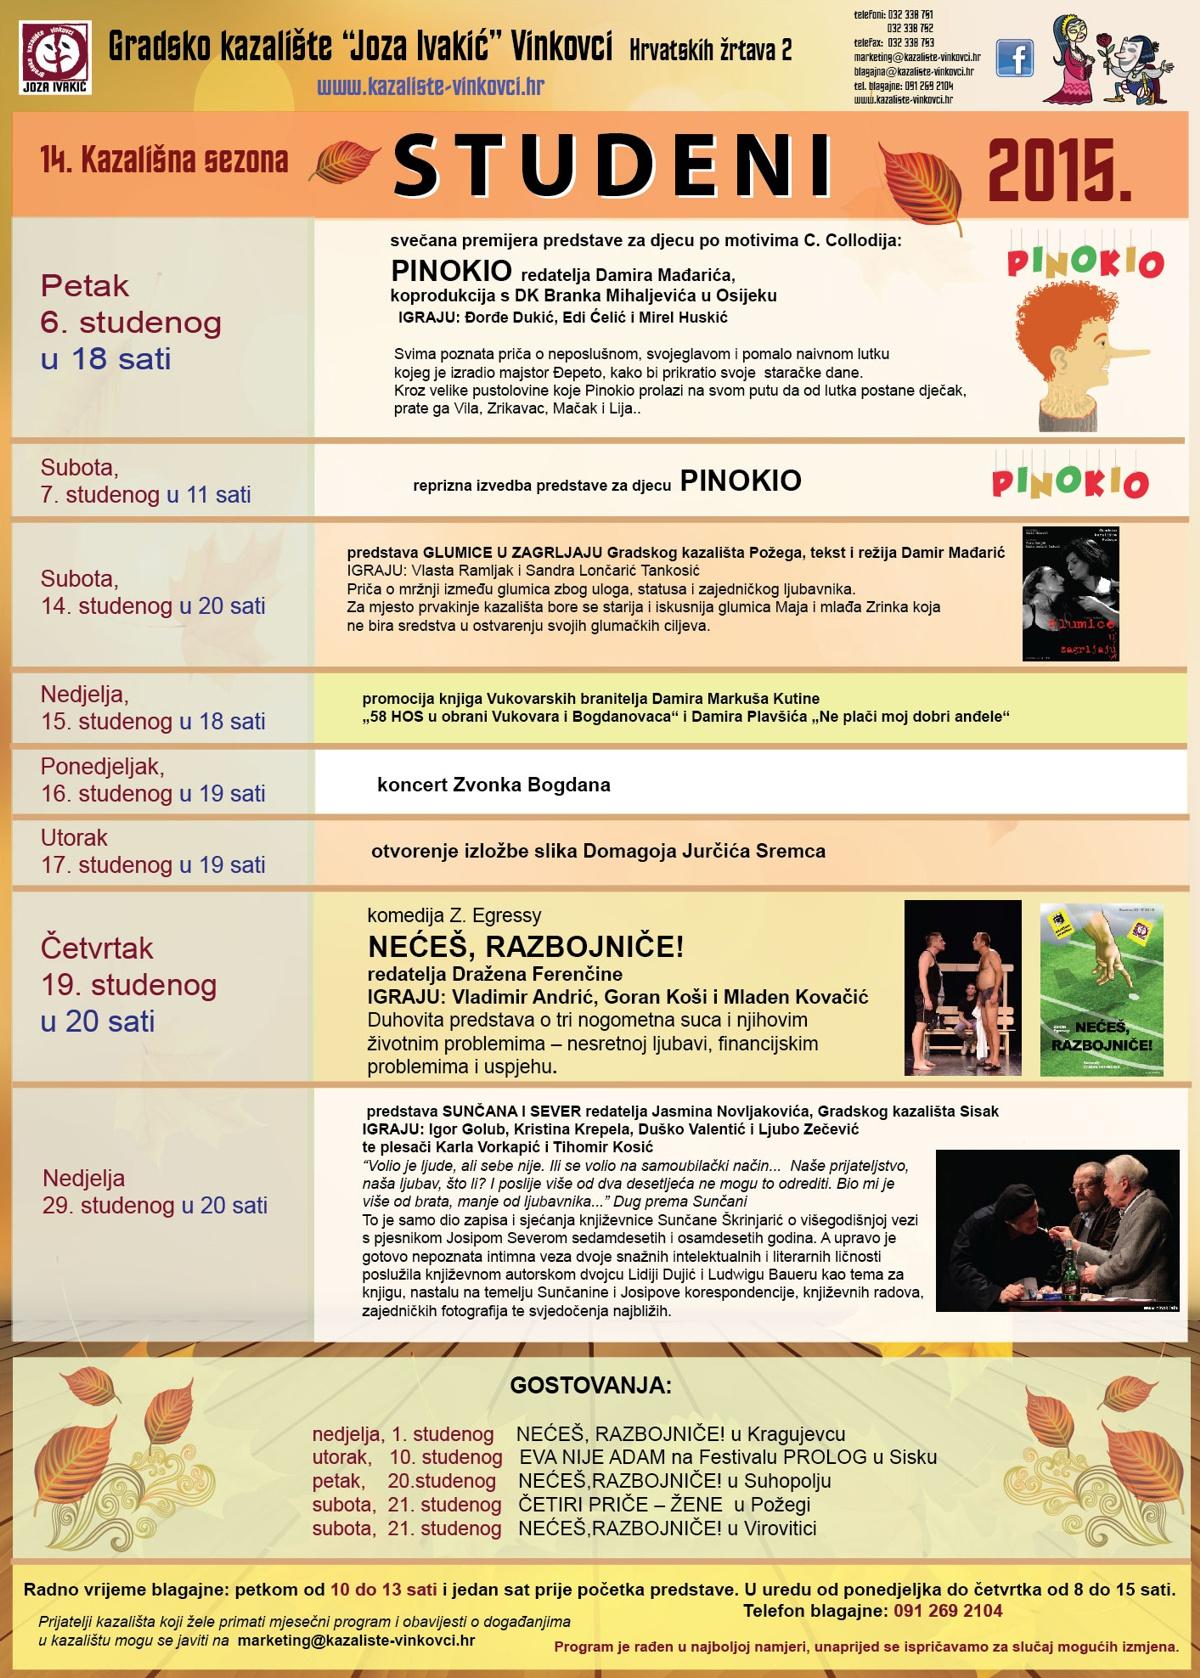 Kazalište - program za studeni 2015.